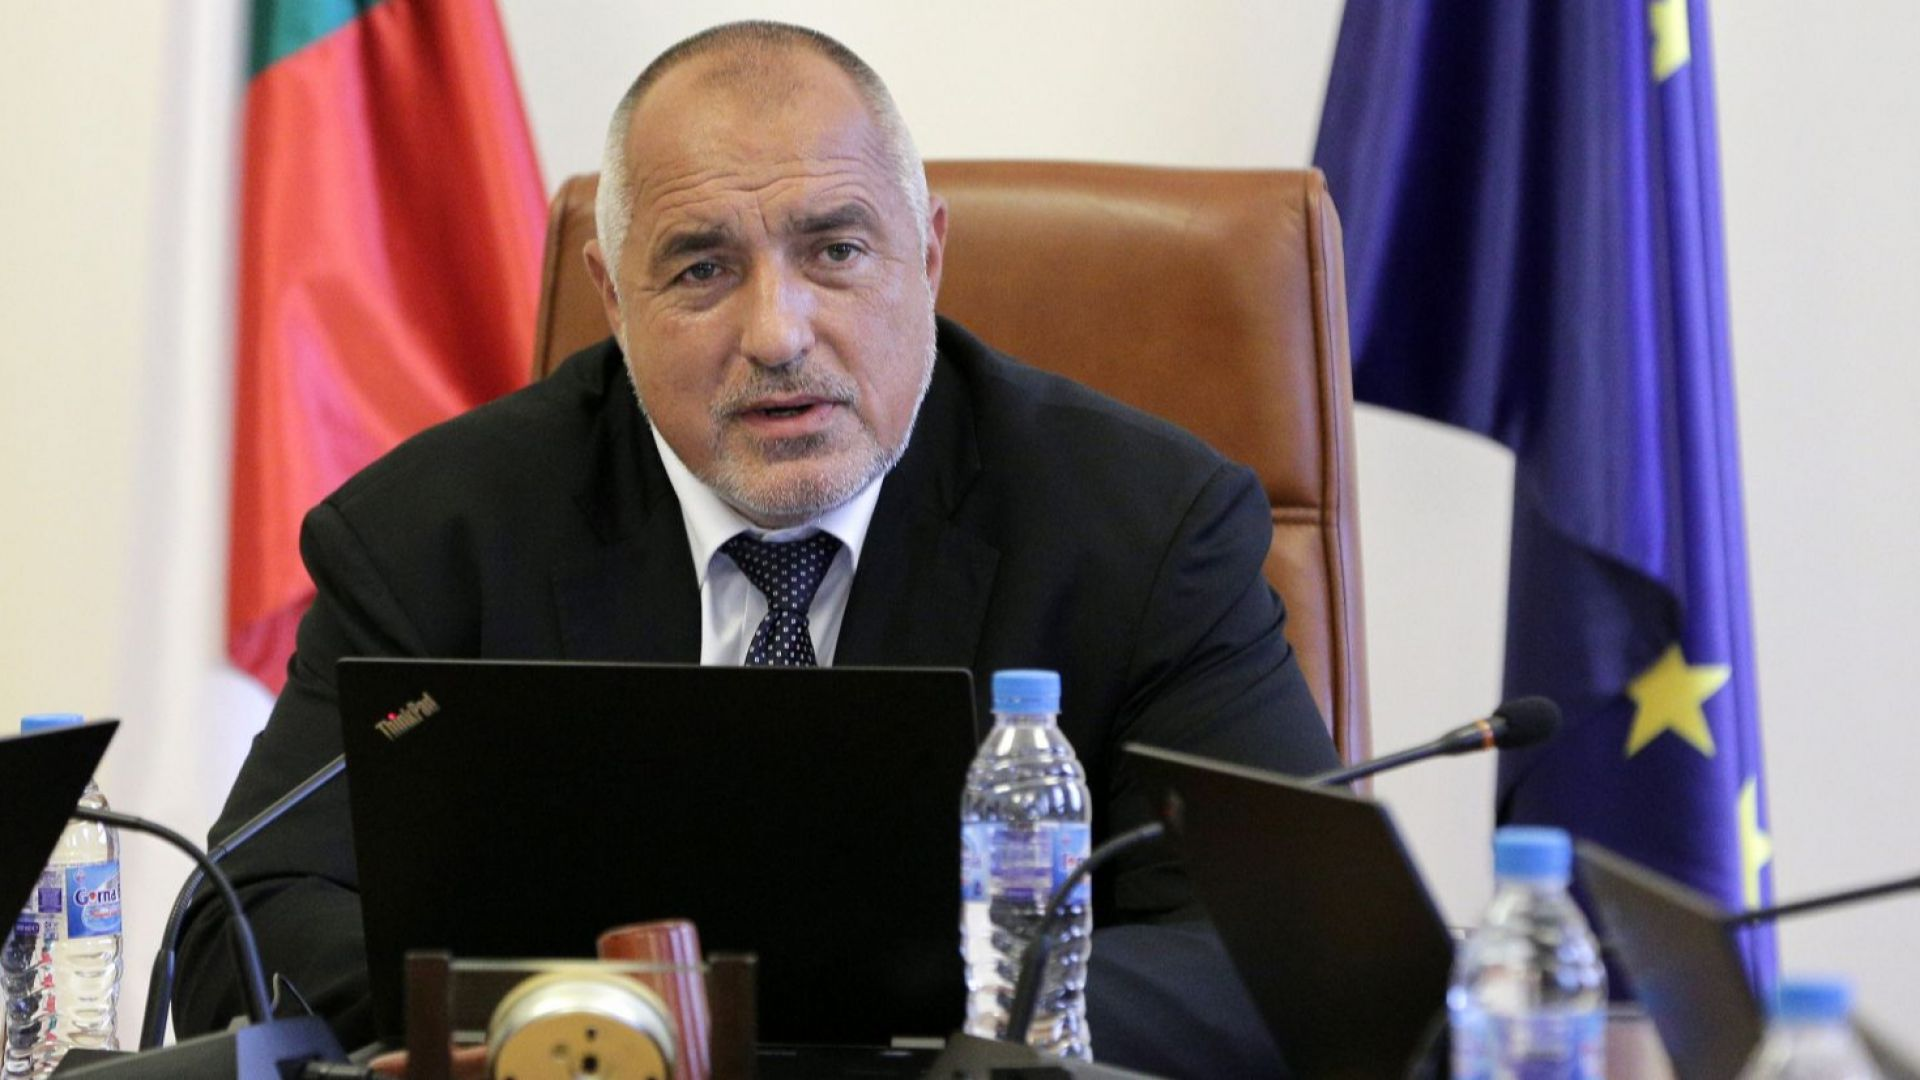 Борисов се похвали с над 2 млрд. лв. излишък